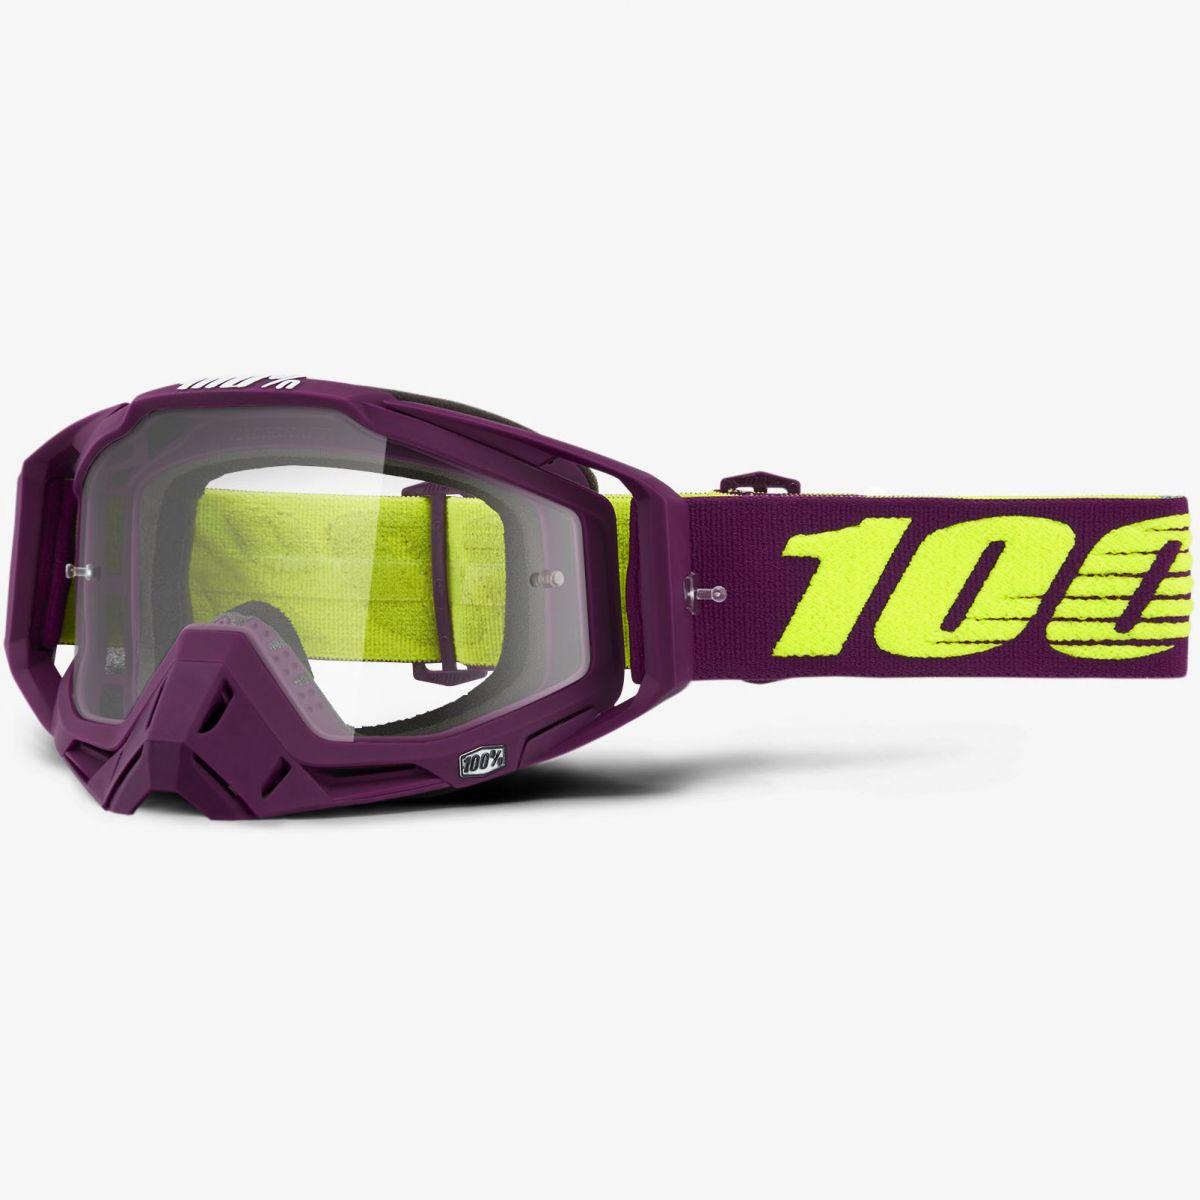 100% - Racecraft Klepto очки, прозрачная линза